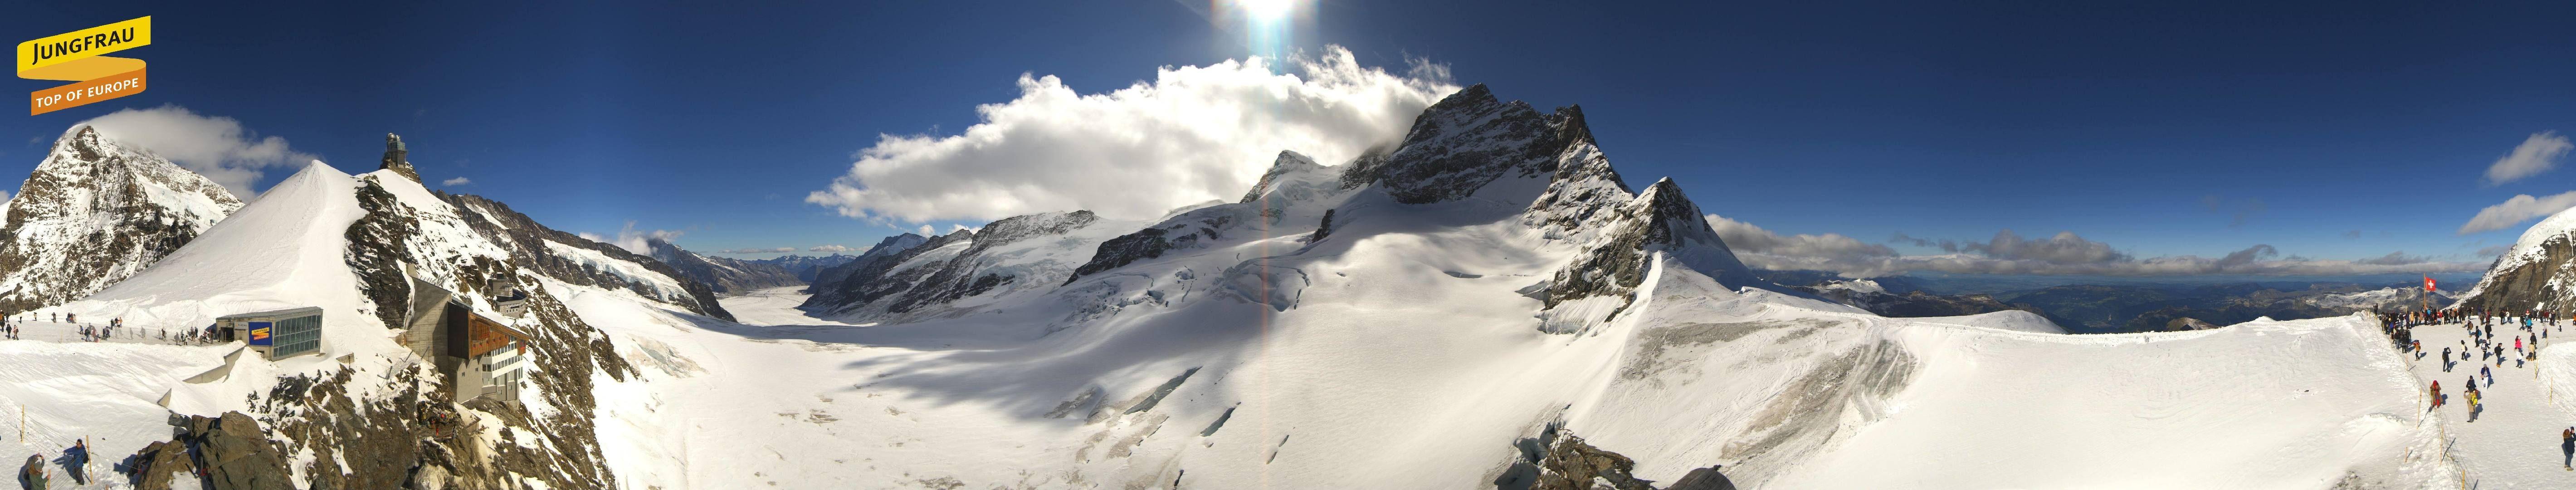 Fieschertal: Jungfraubahnen - Jungfraujoch